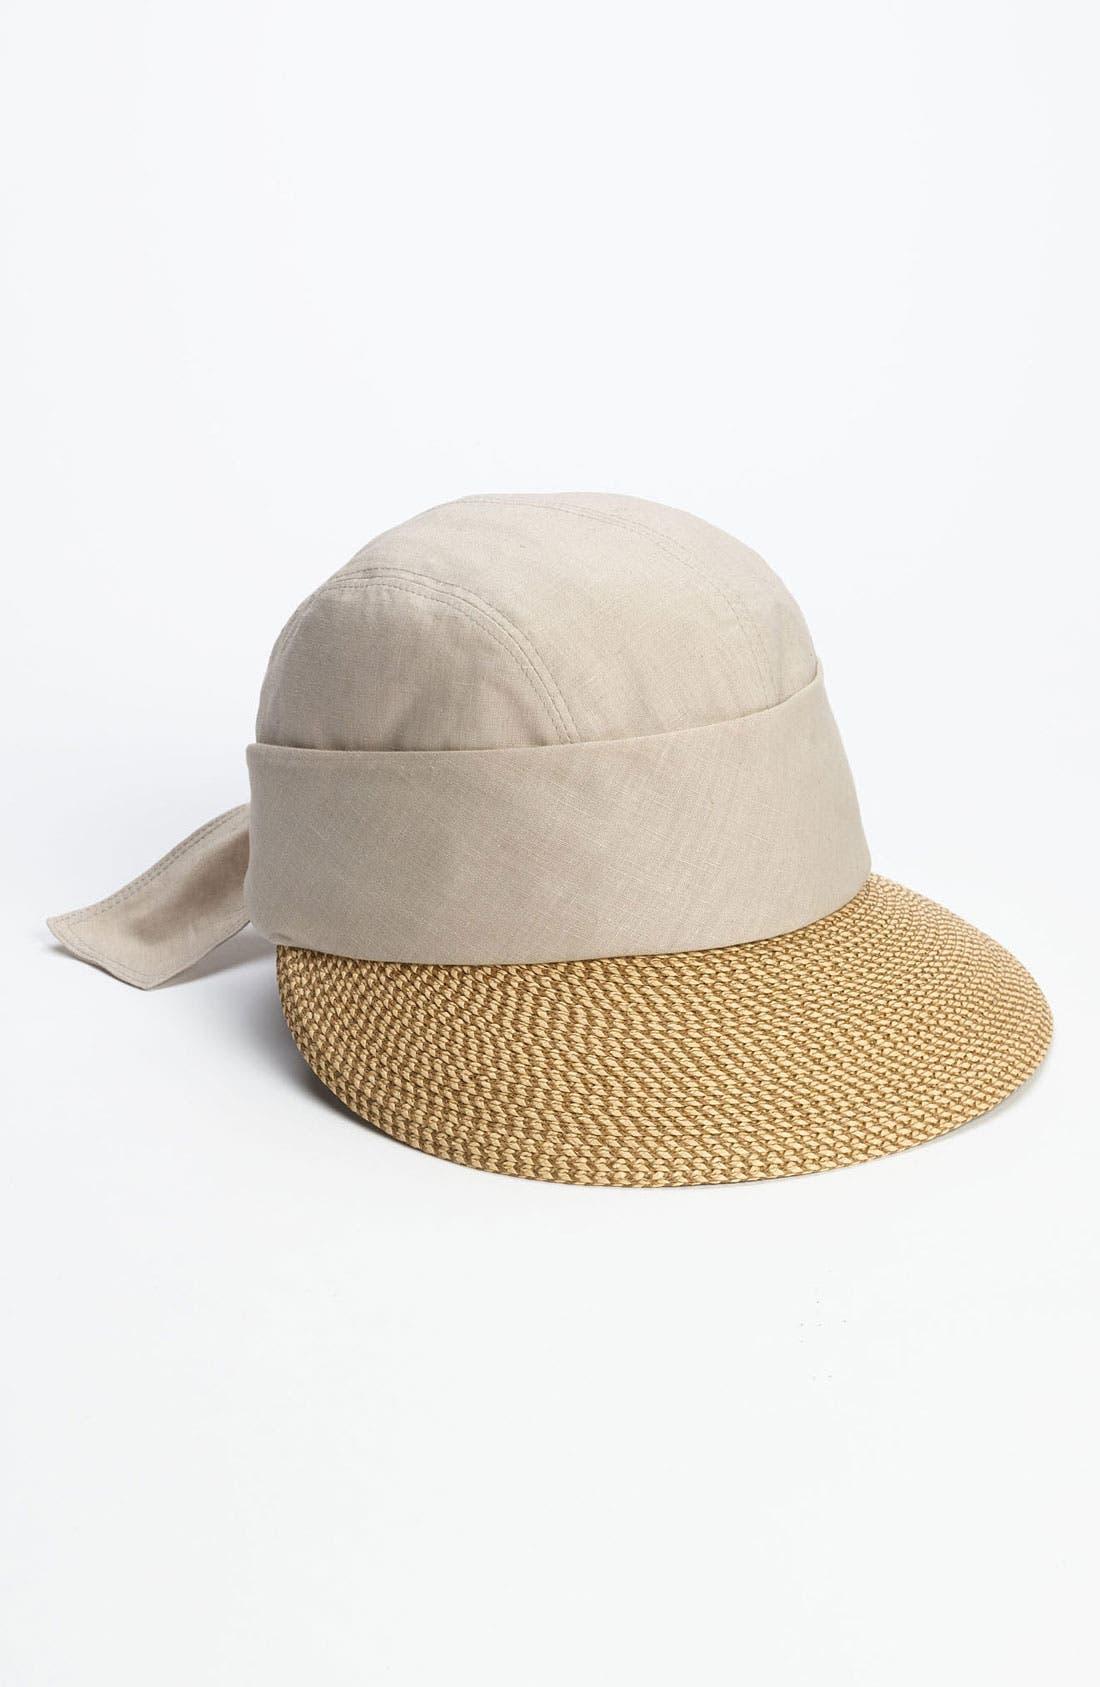 Alternate Image 1 Selected - Eric Javits Convertible Sun Hat